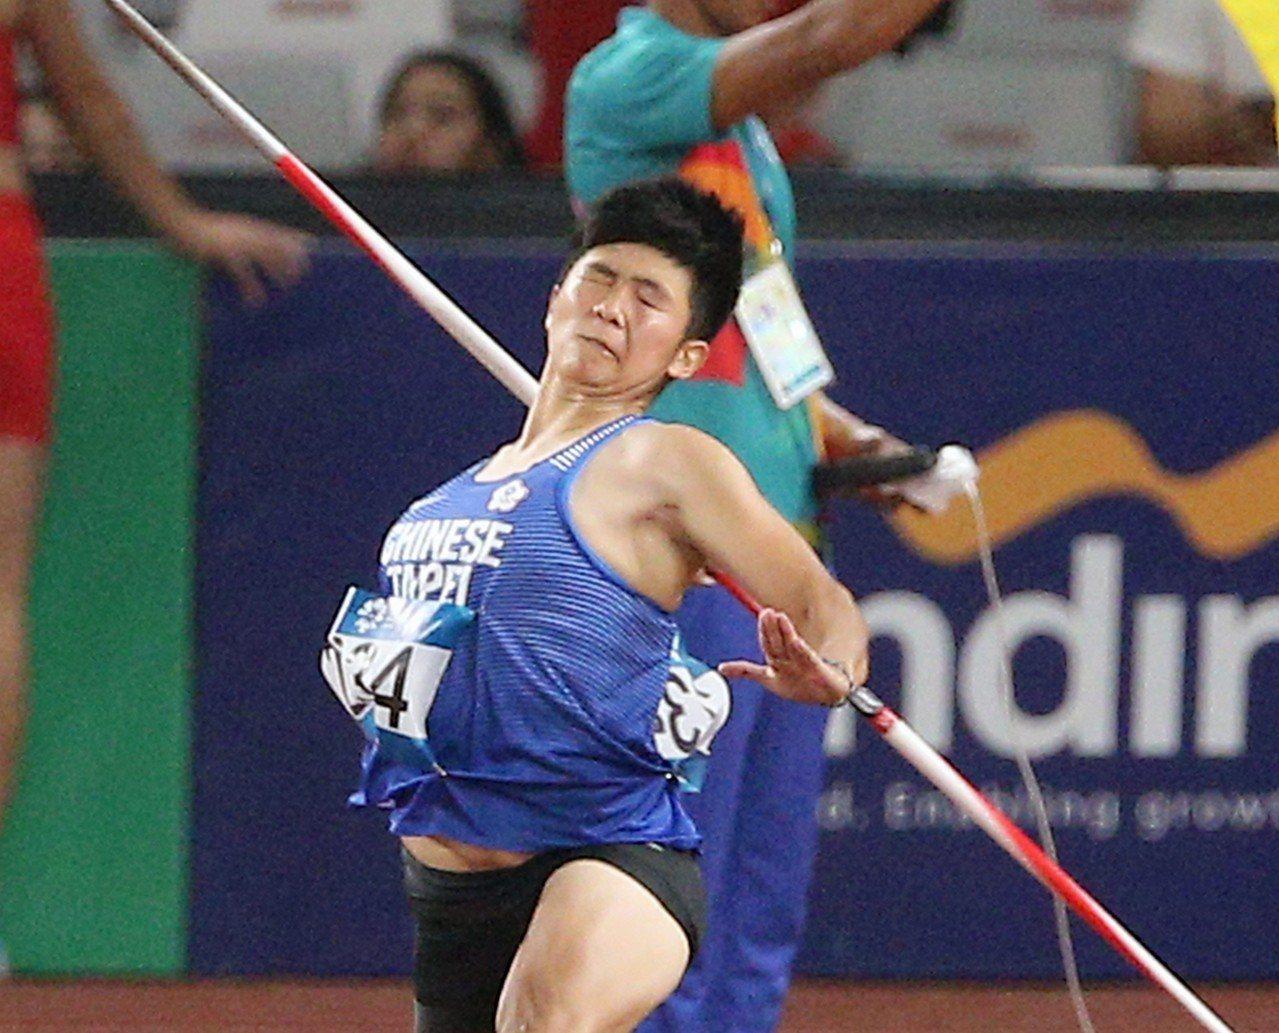 李慧君的亞運初體驗在女子標槍決賽排名第五